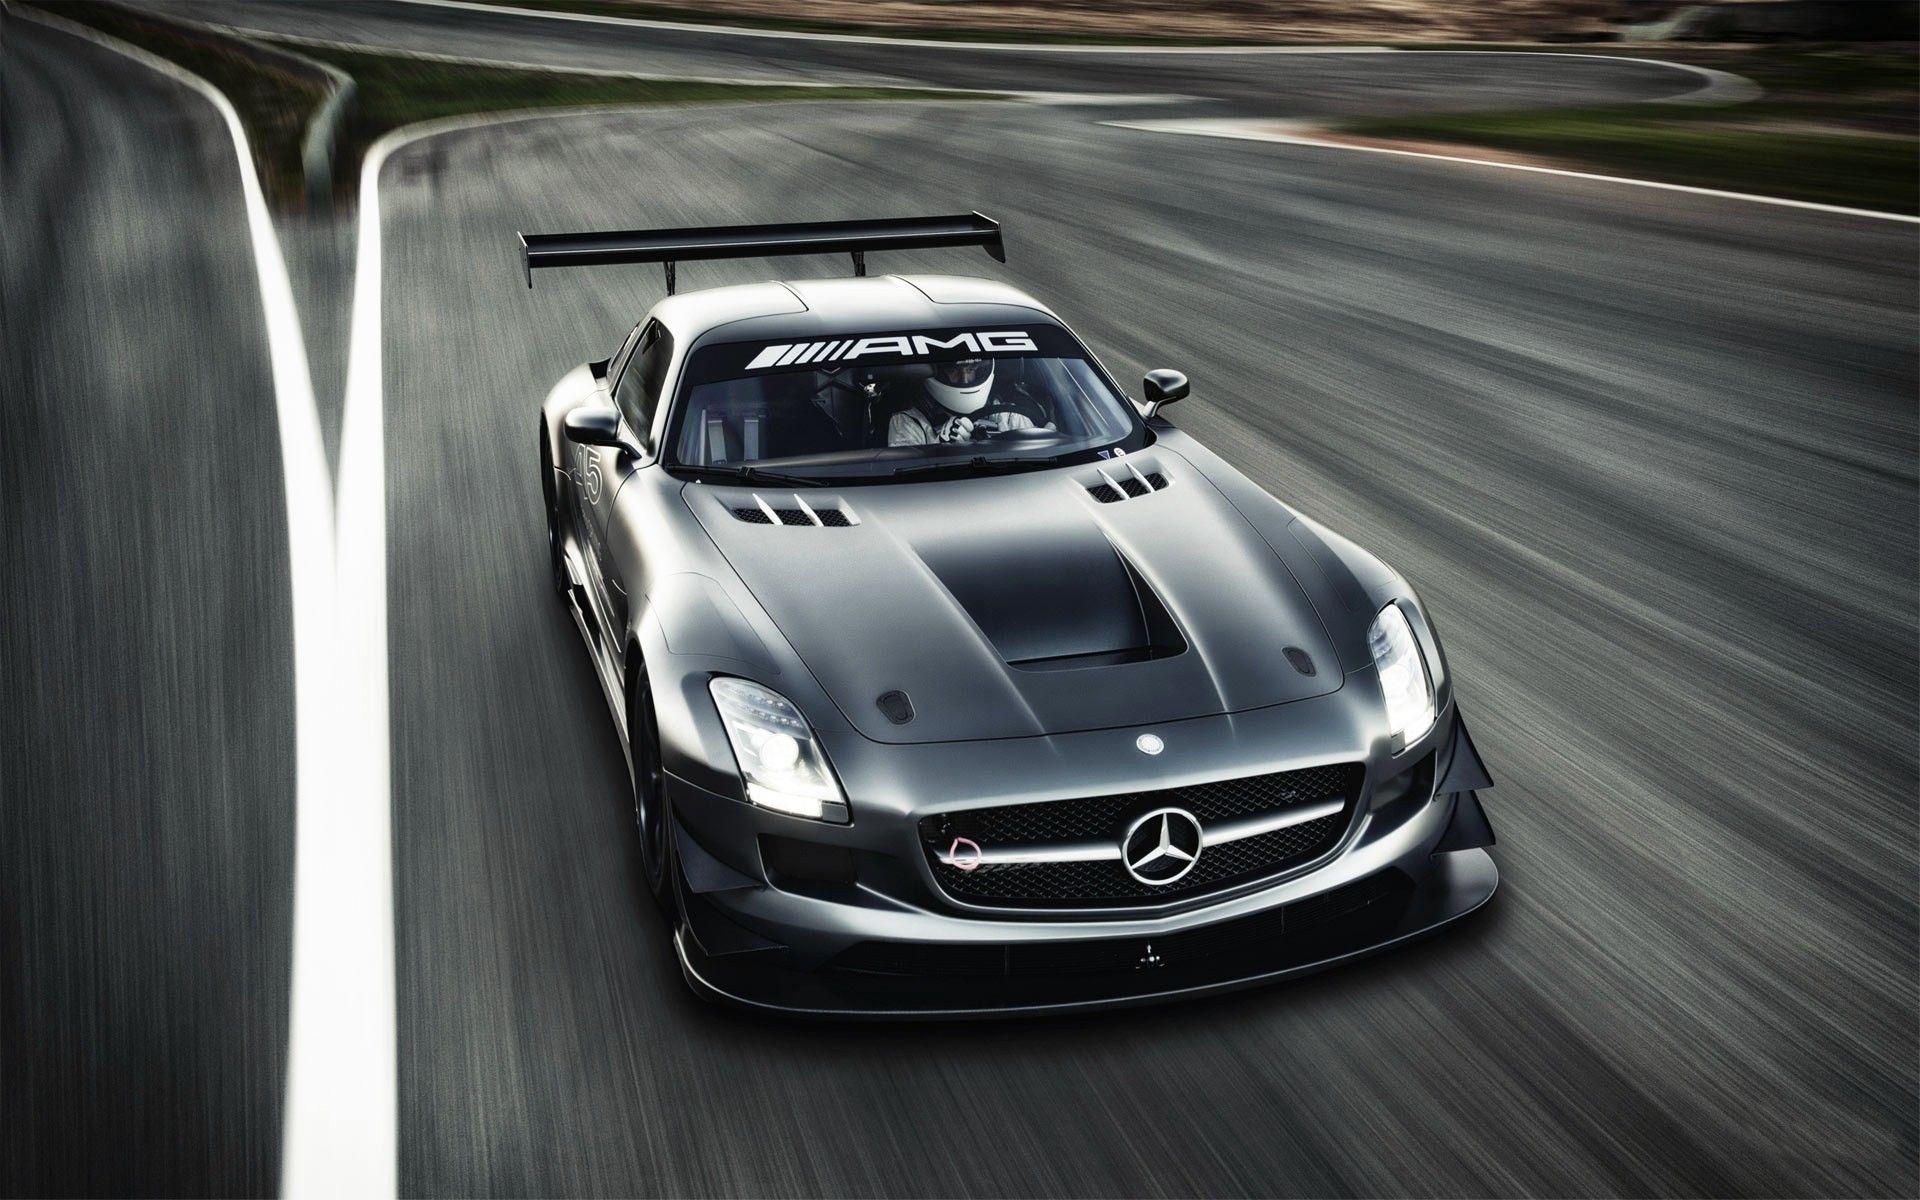 mercedes sports car sls amg gt3 hd wallpapers car wallpapers hq